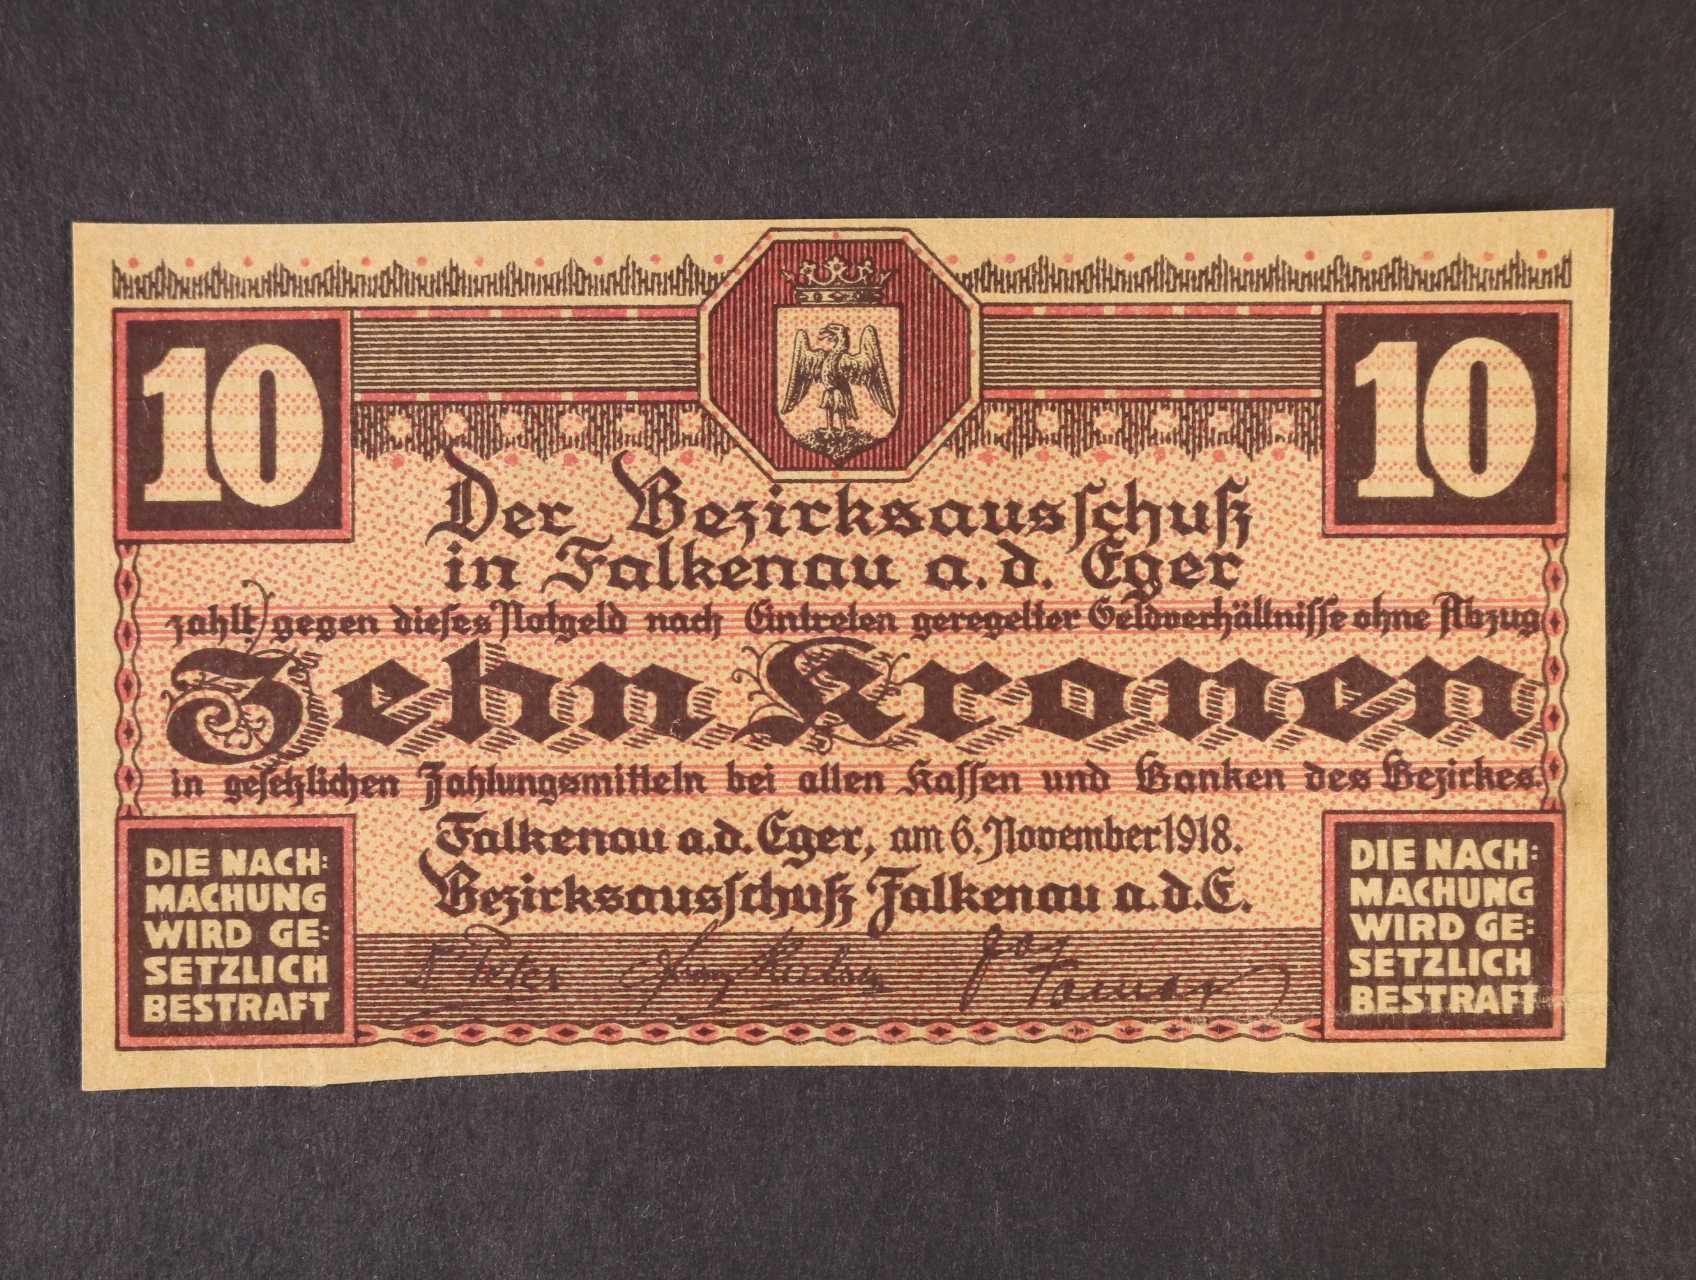 Falkenau a. d. Eger (Falknov nad Oří), 10 K 6.11.1918 Okres, D.H. 44.2.2b